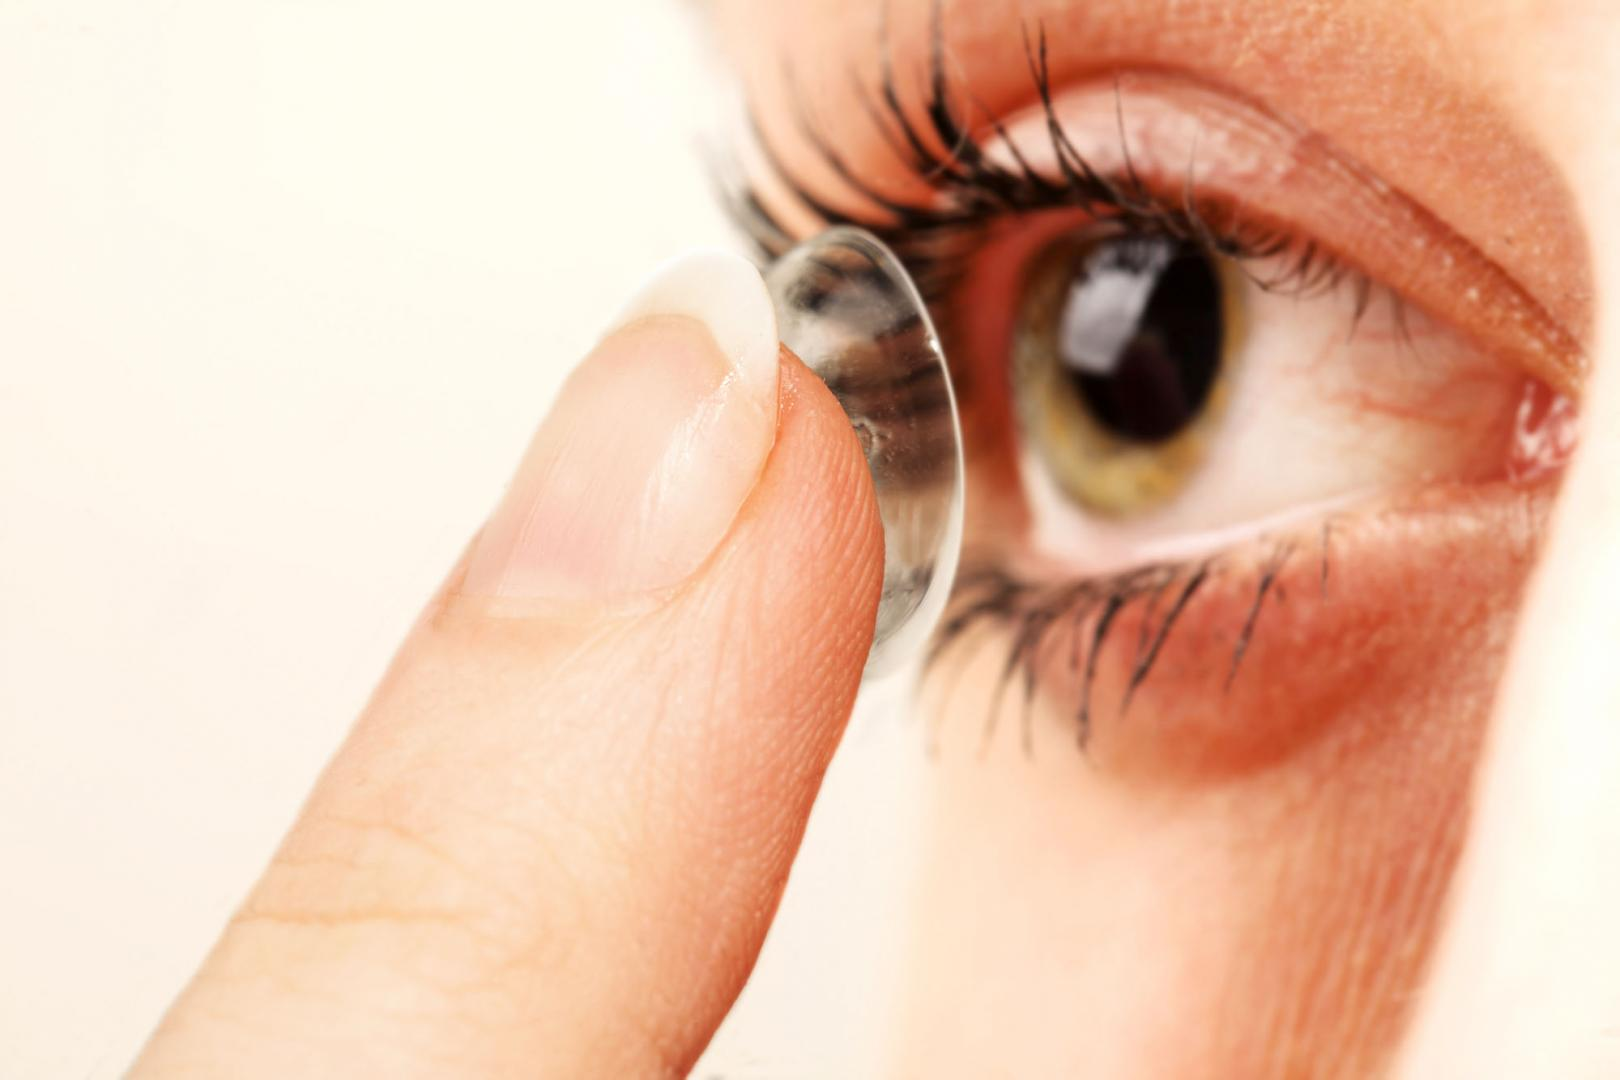 Comment mettre des lentilles de couleur?